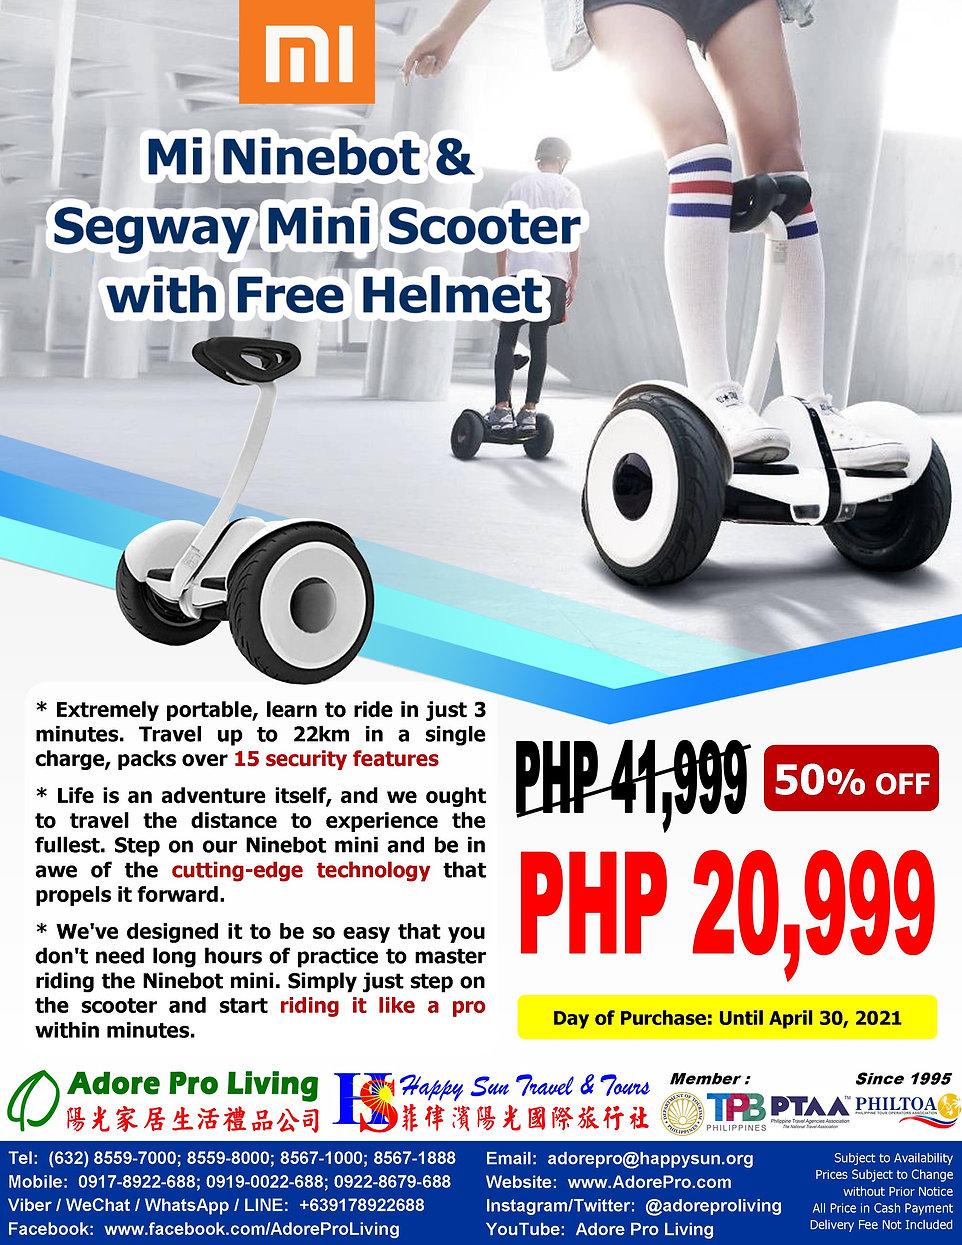 2.NinebotSegwayMiniScooter_Mi_20210422.j